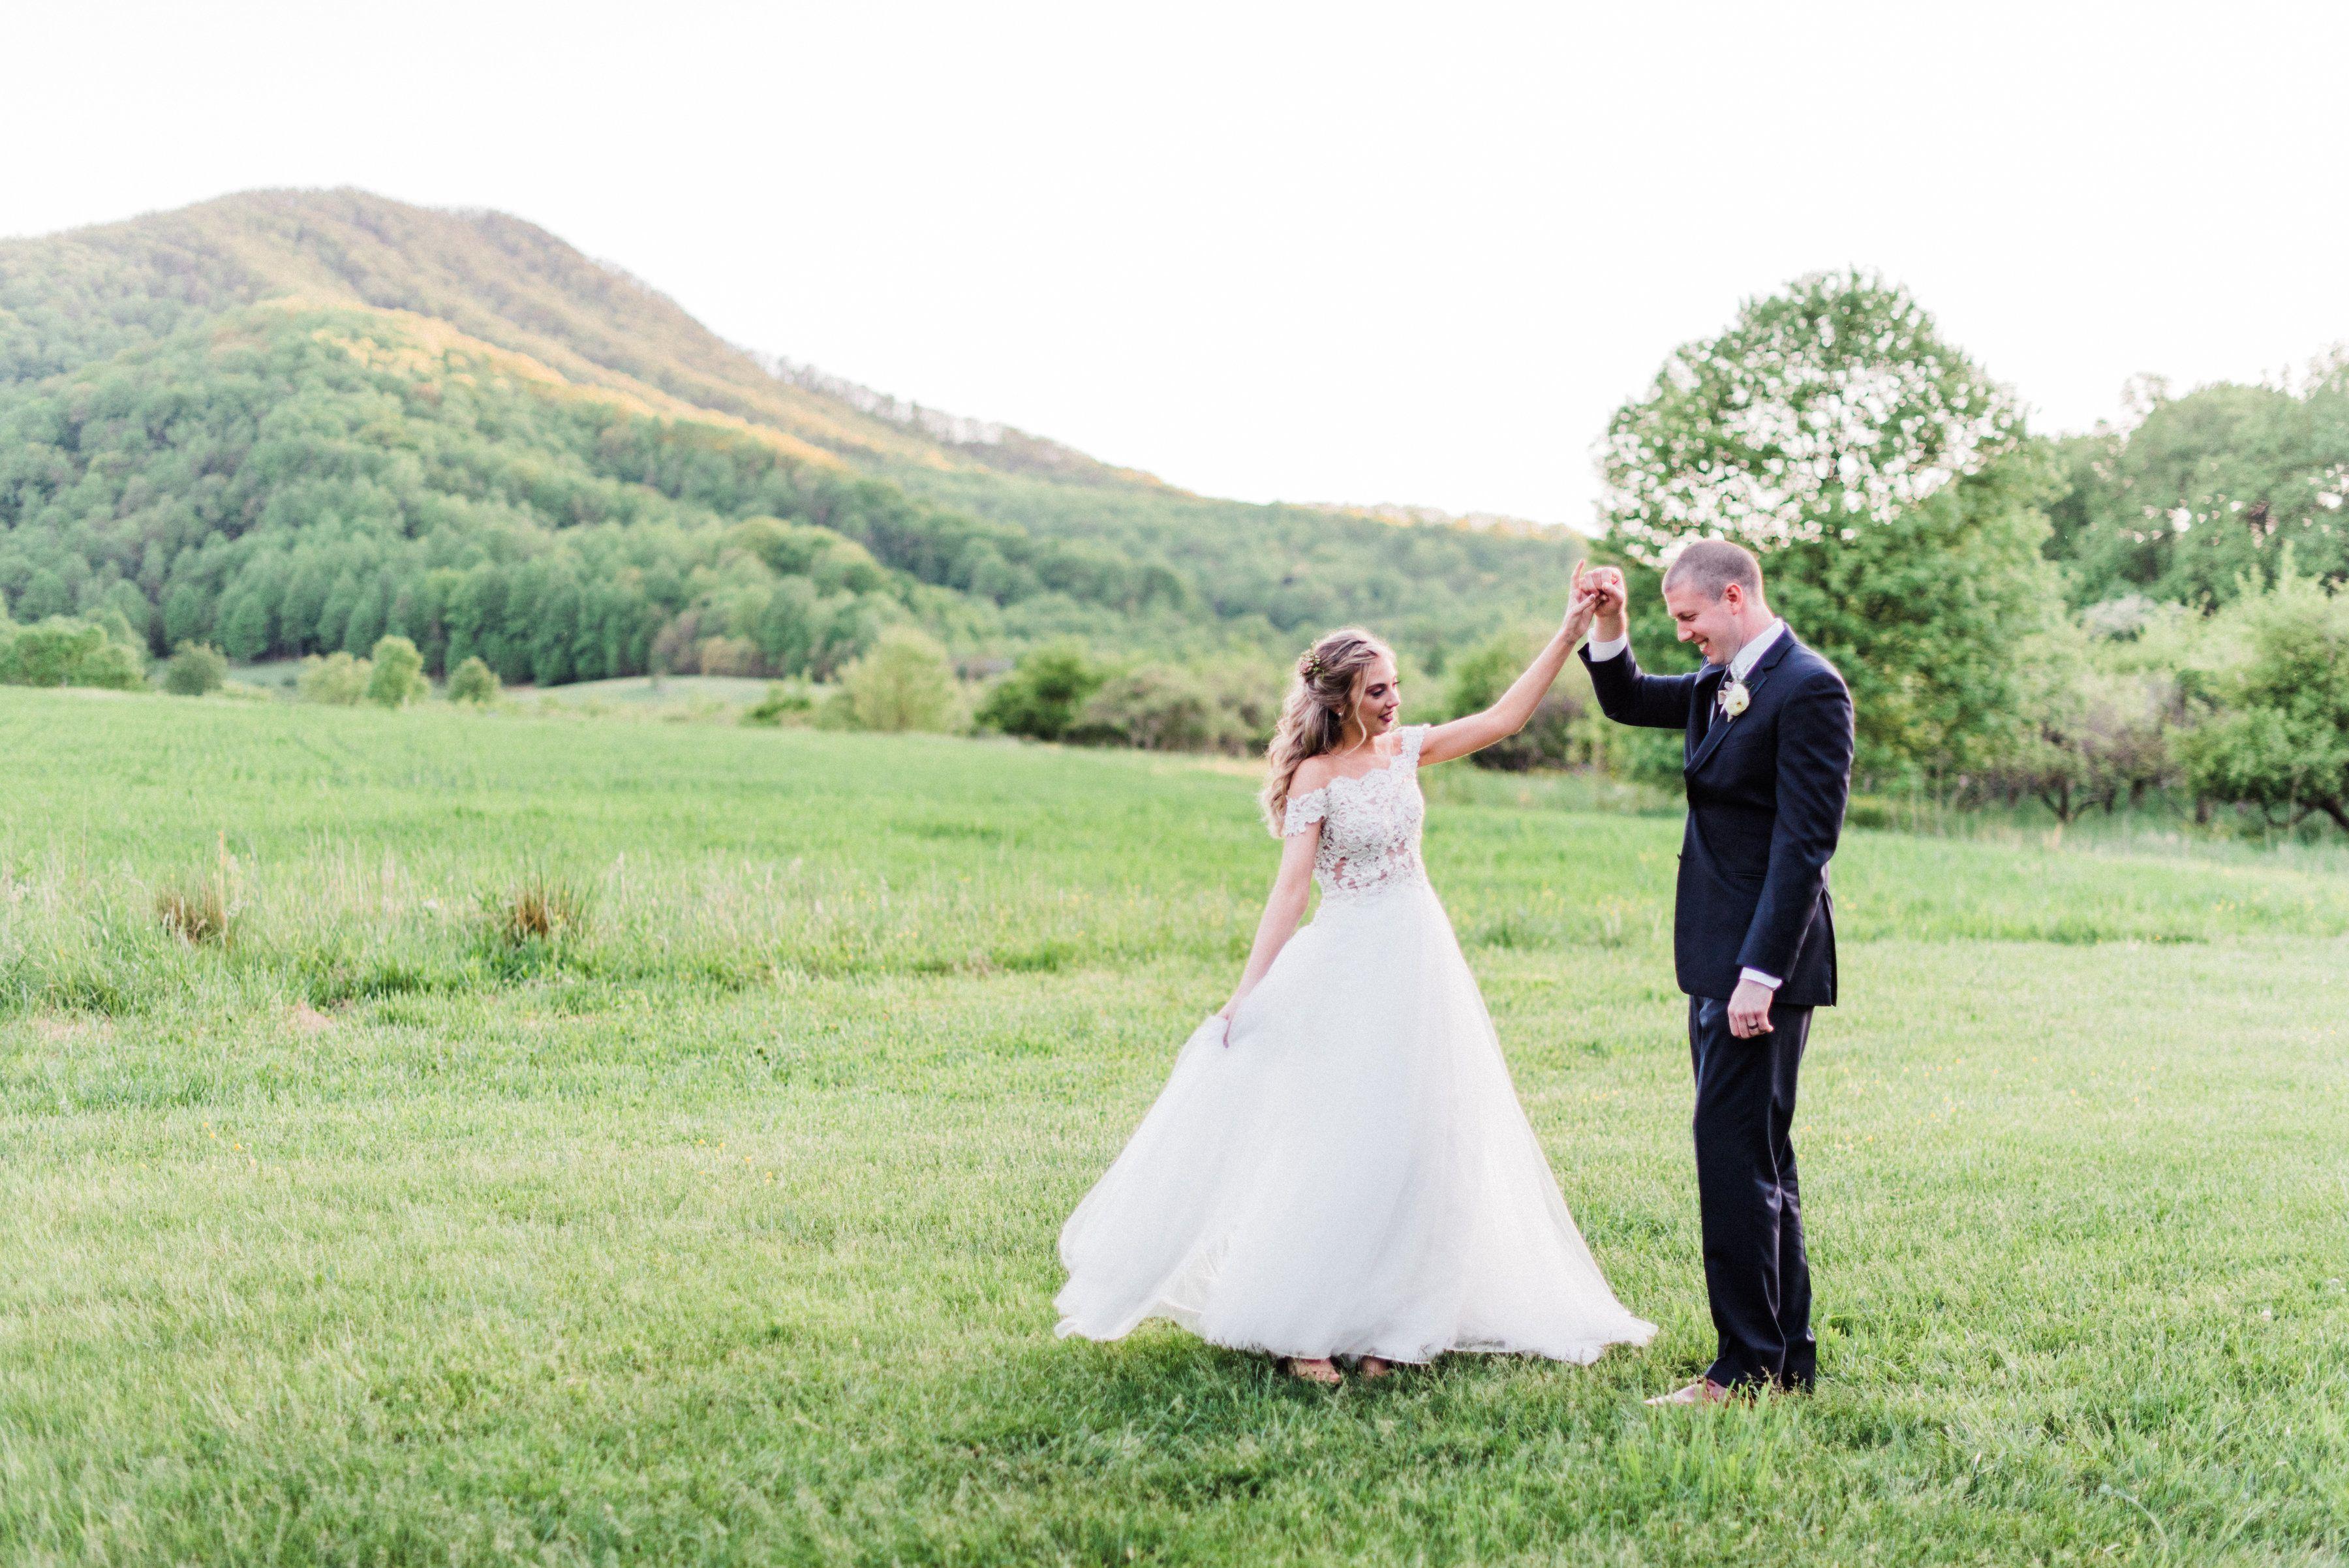 Sundara Virginia S Premier Wedding Venue Wedding Catering Near Me Wedding Venues Colorado Wedding Venues